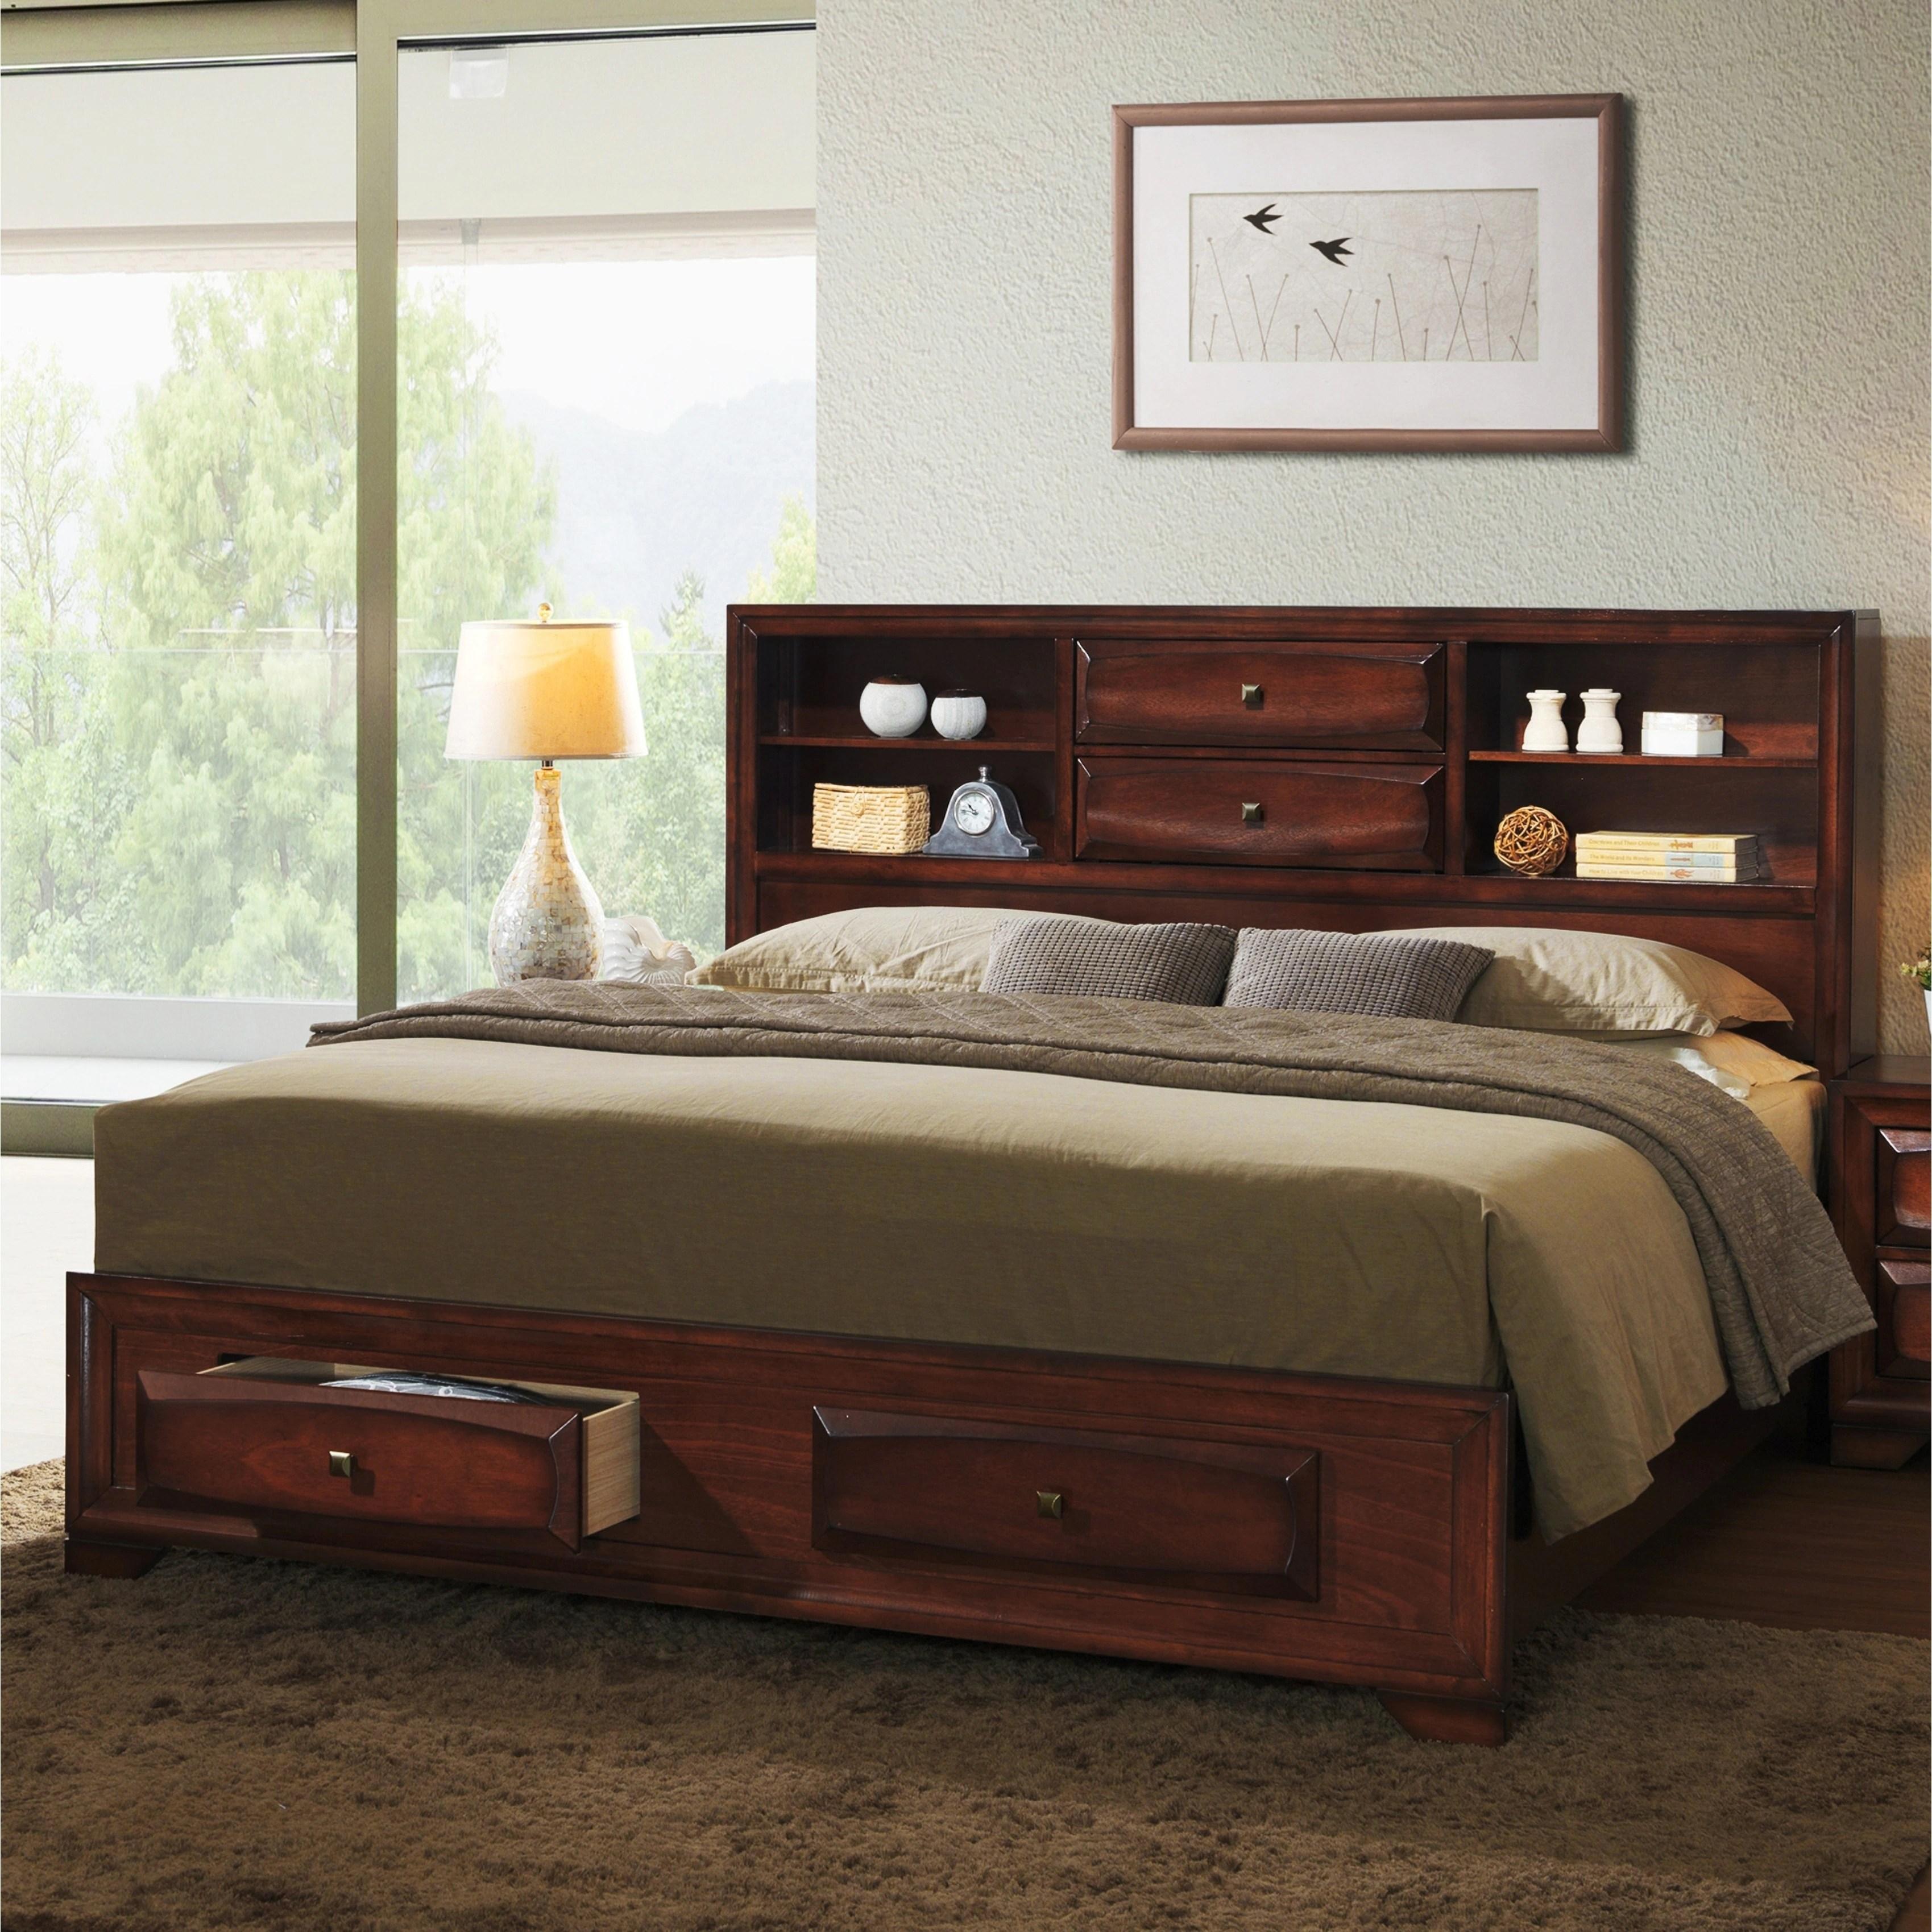 Asger Antique Oak Wood King Size Storage Platform Bed